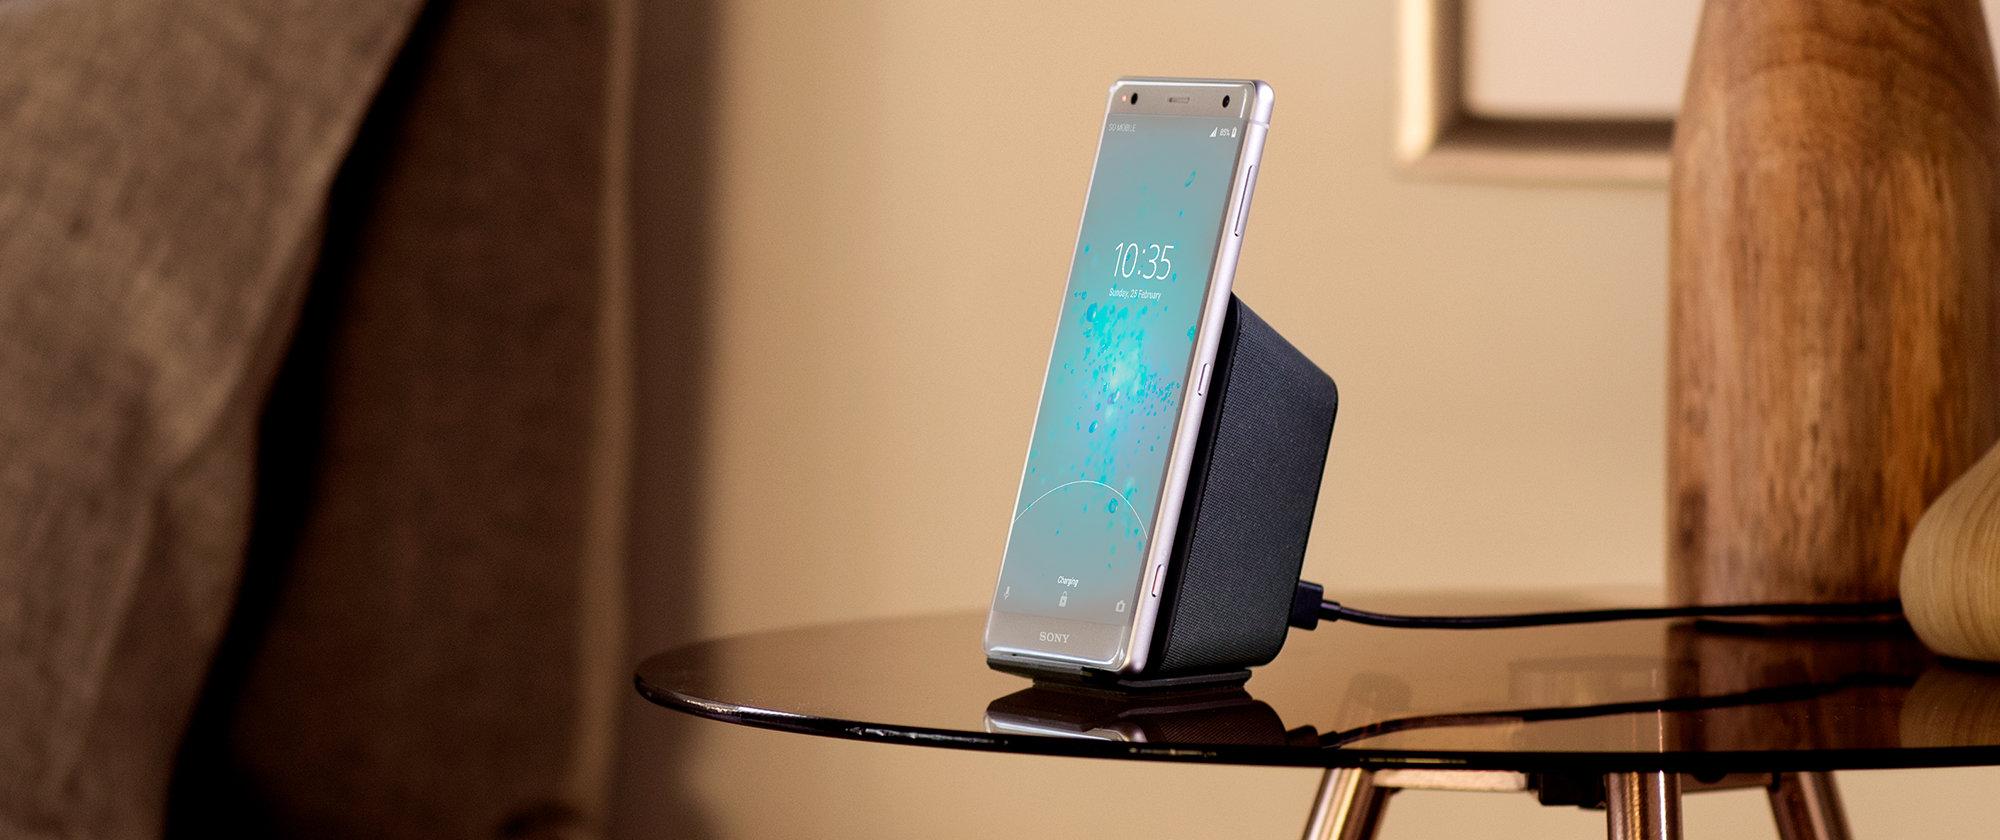 Умная гарнитура и беспроводная зарядка: что купить для нового флагмана Sony